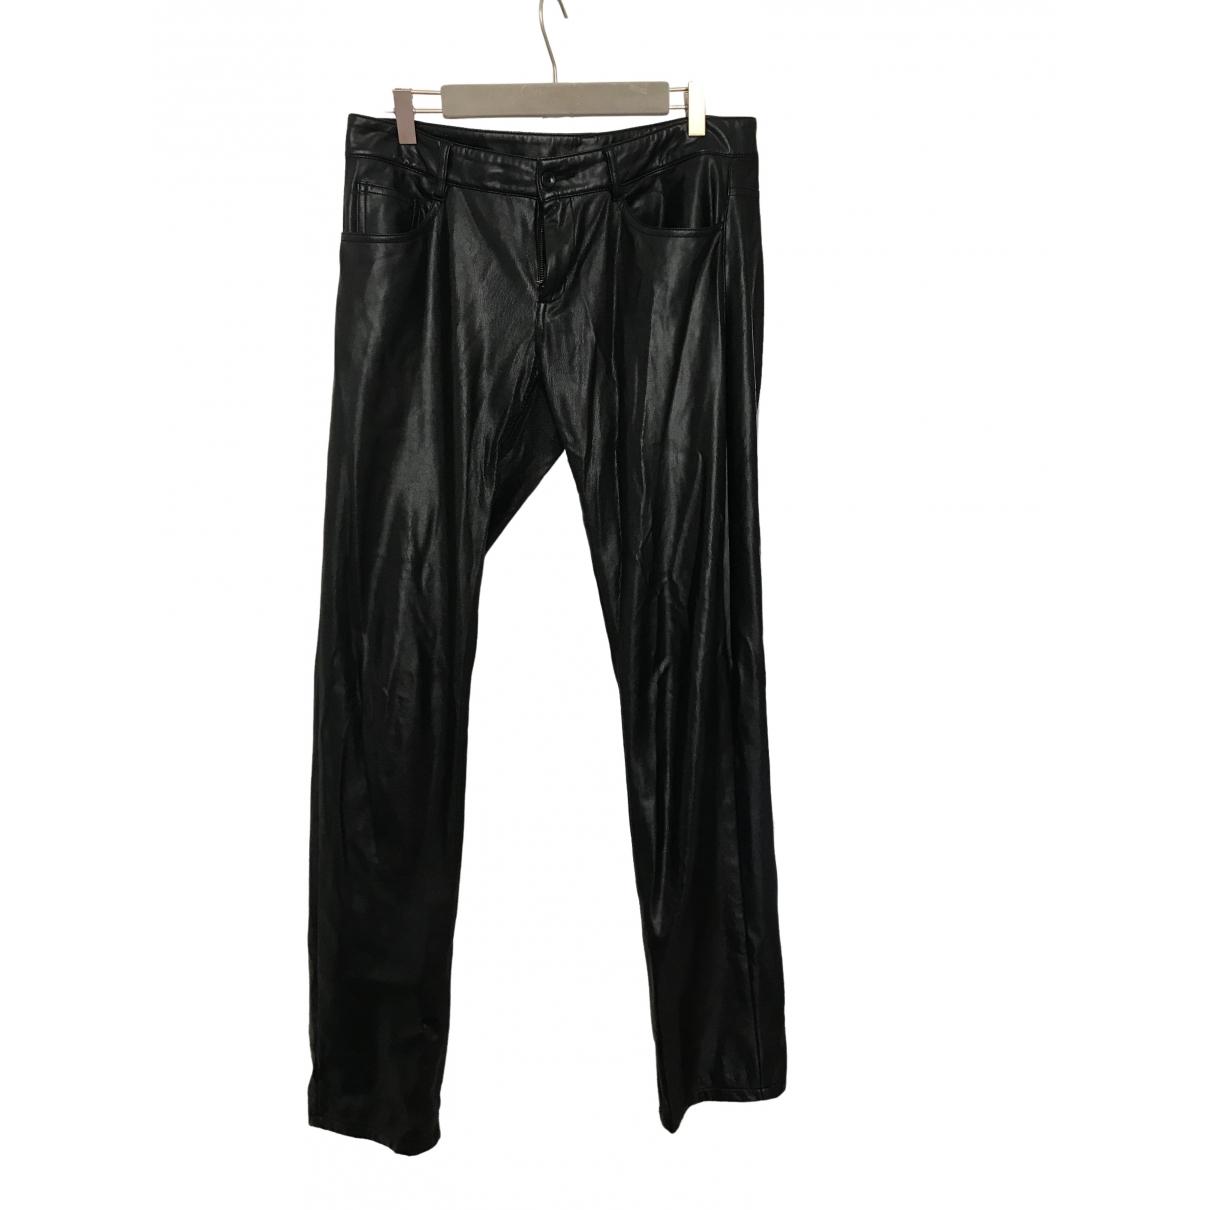 Joseph \N Black Trousers for Women 40 FR